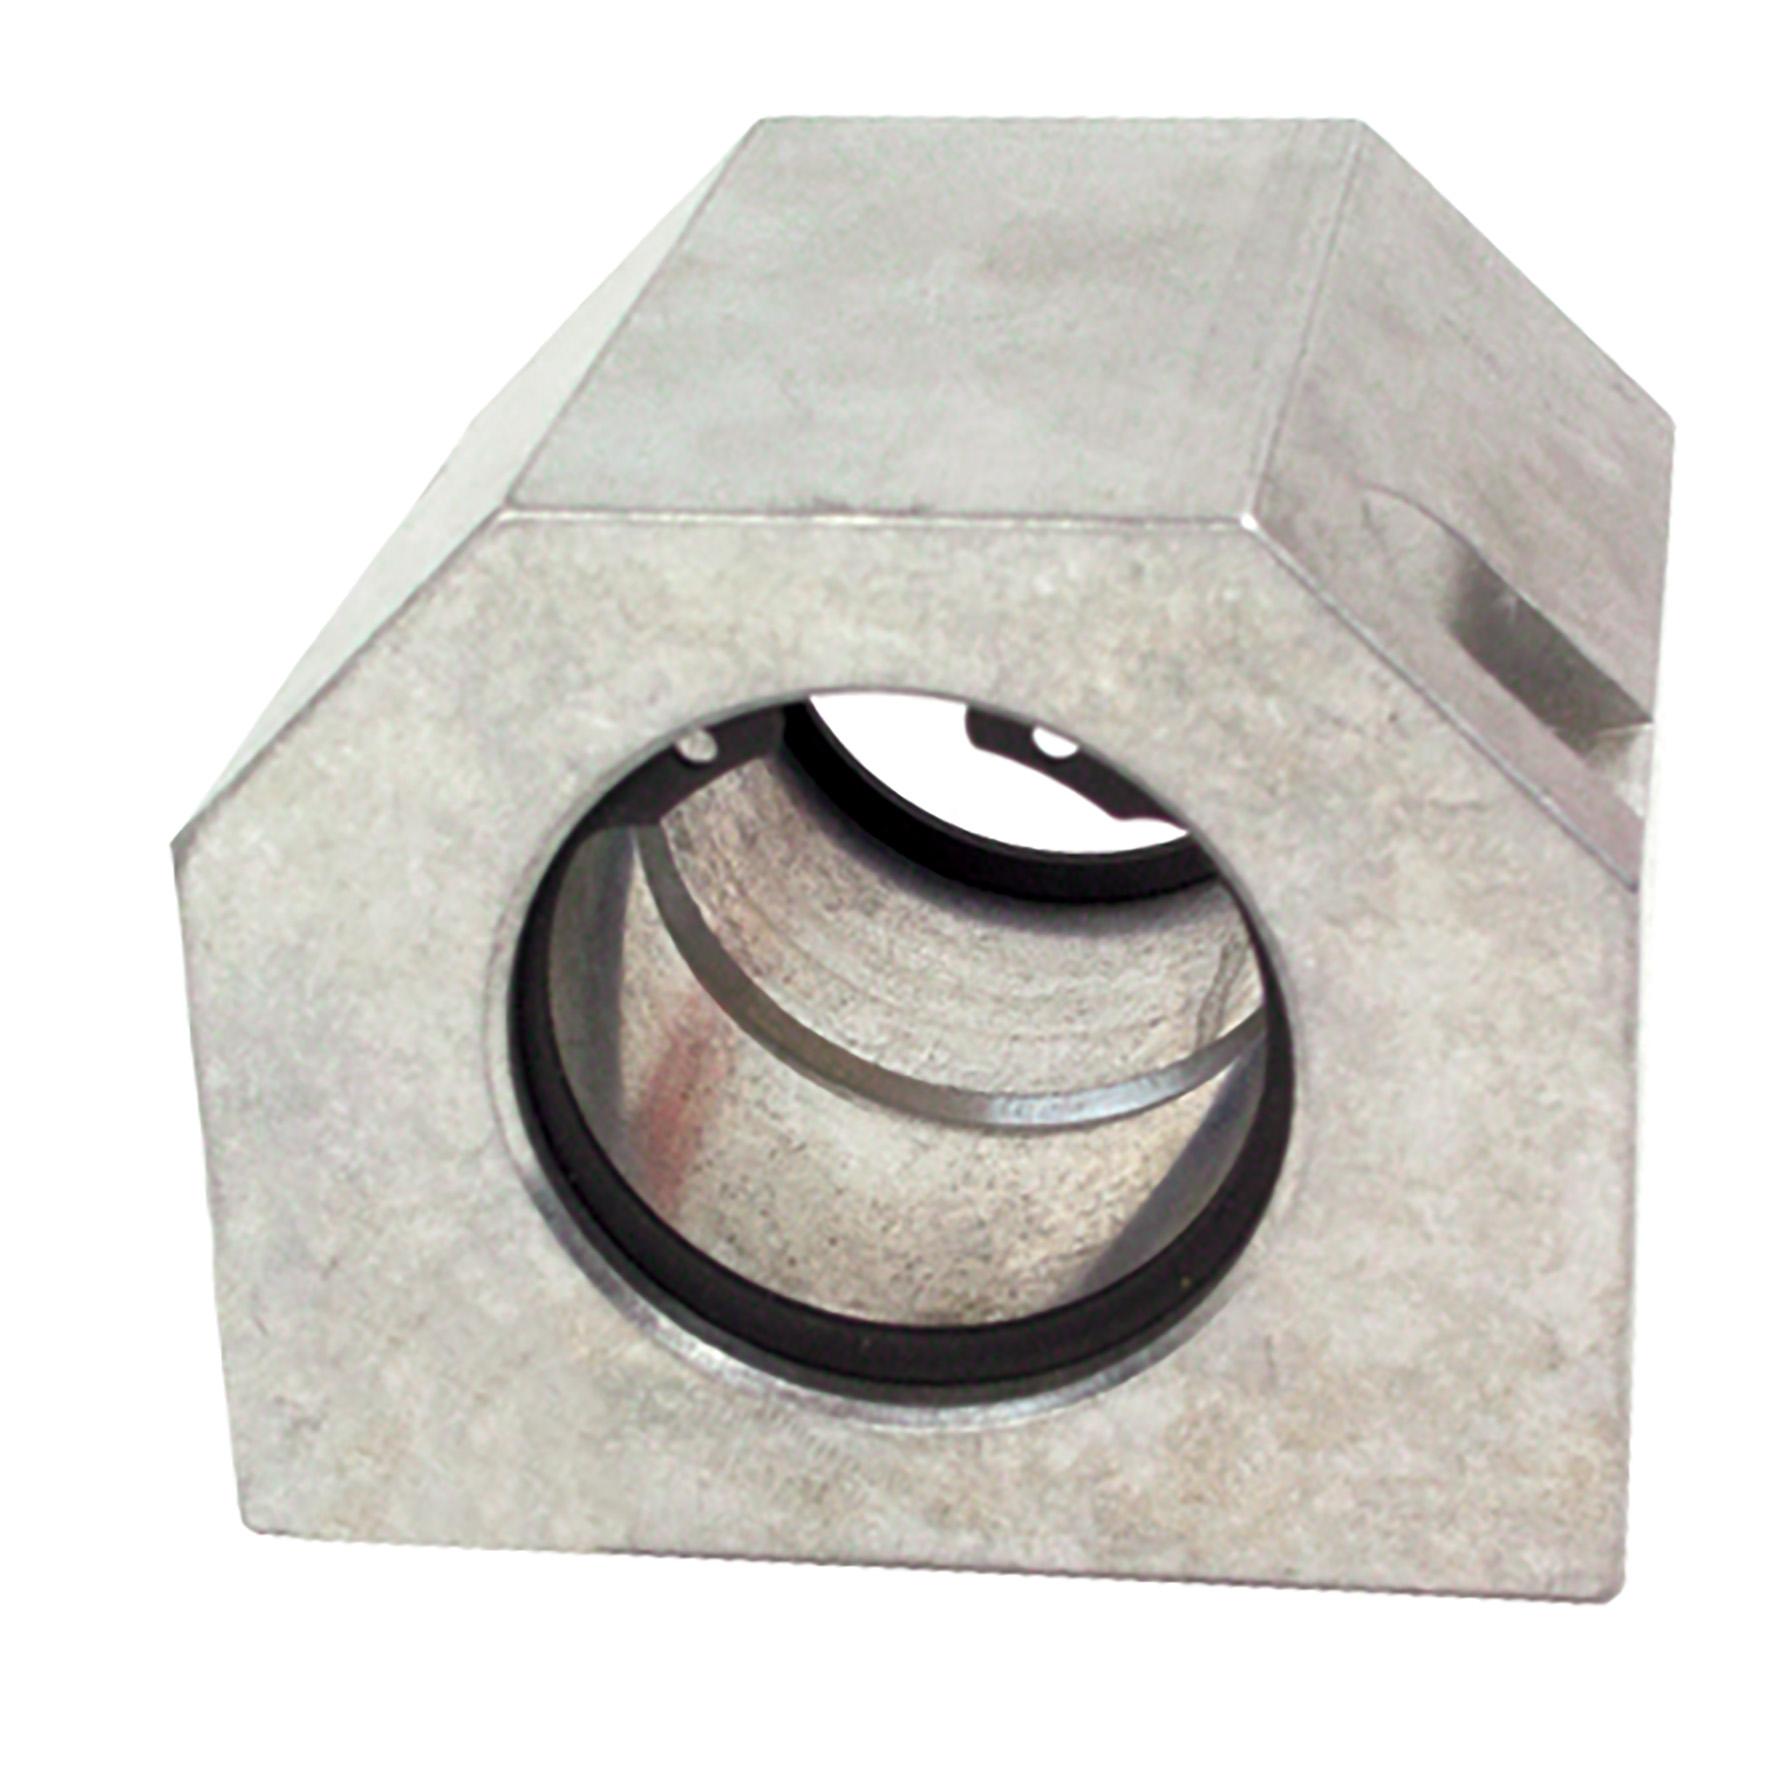 Palier pour douille à billes - Fermé long - Aluminium -